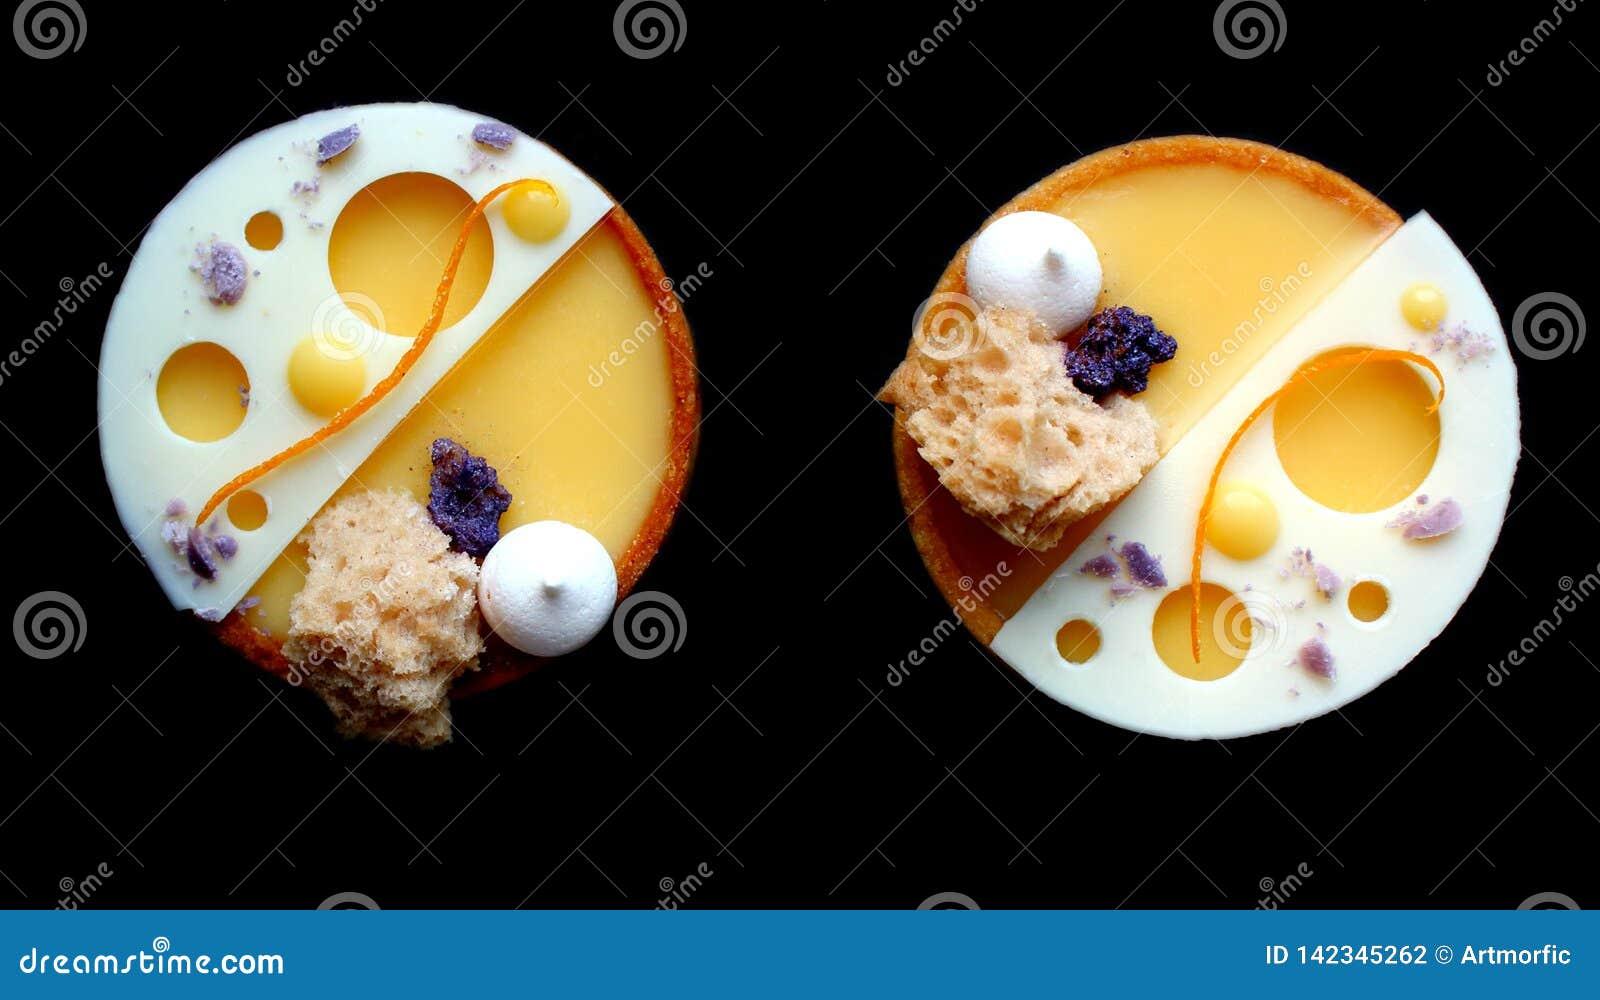 橙色馅饼用蛋白甜饼和白色巧克力在黑背景